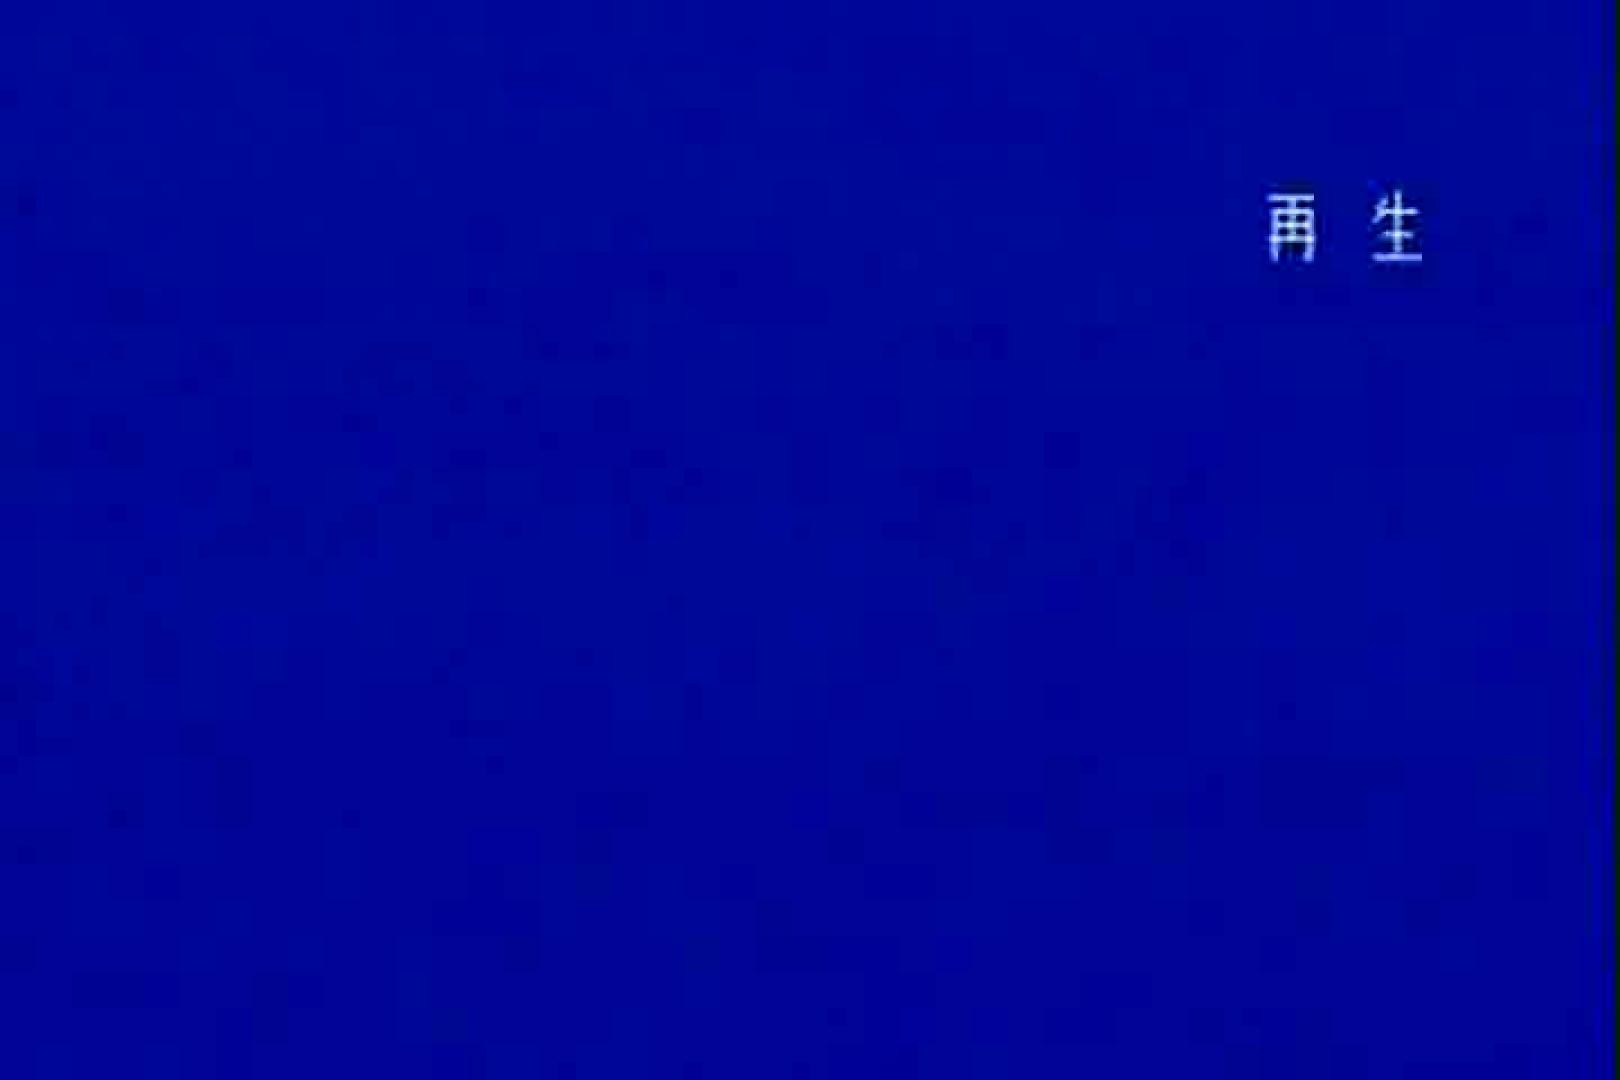 「ちくりん」さんのオリジナル未編集パンチラVol.4_02 お姉さん | OLの実態  69pic 21